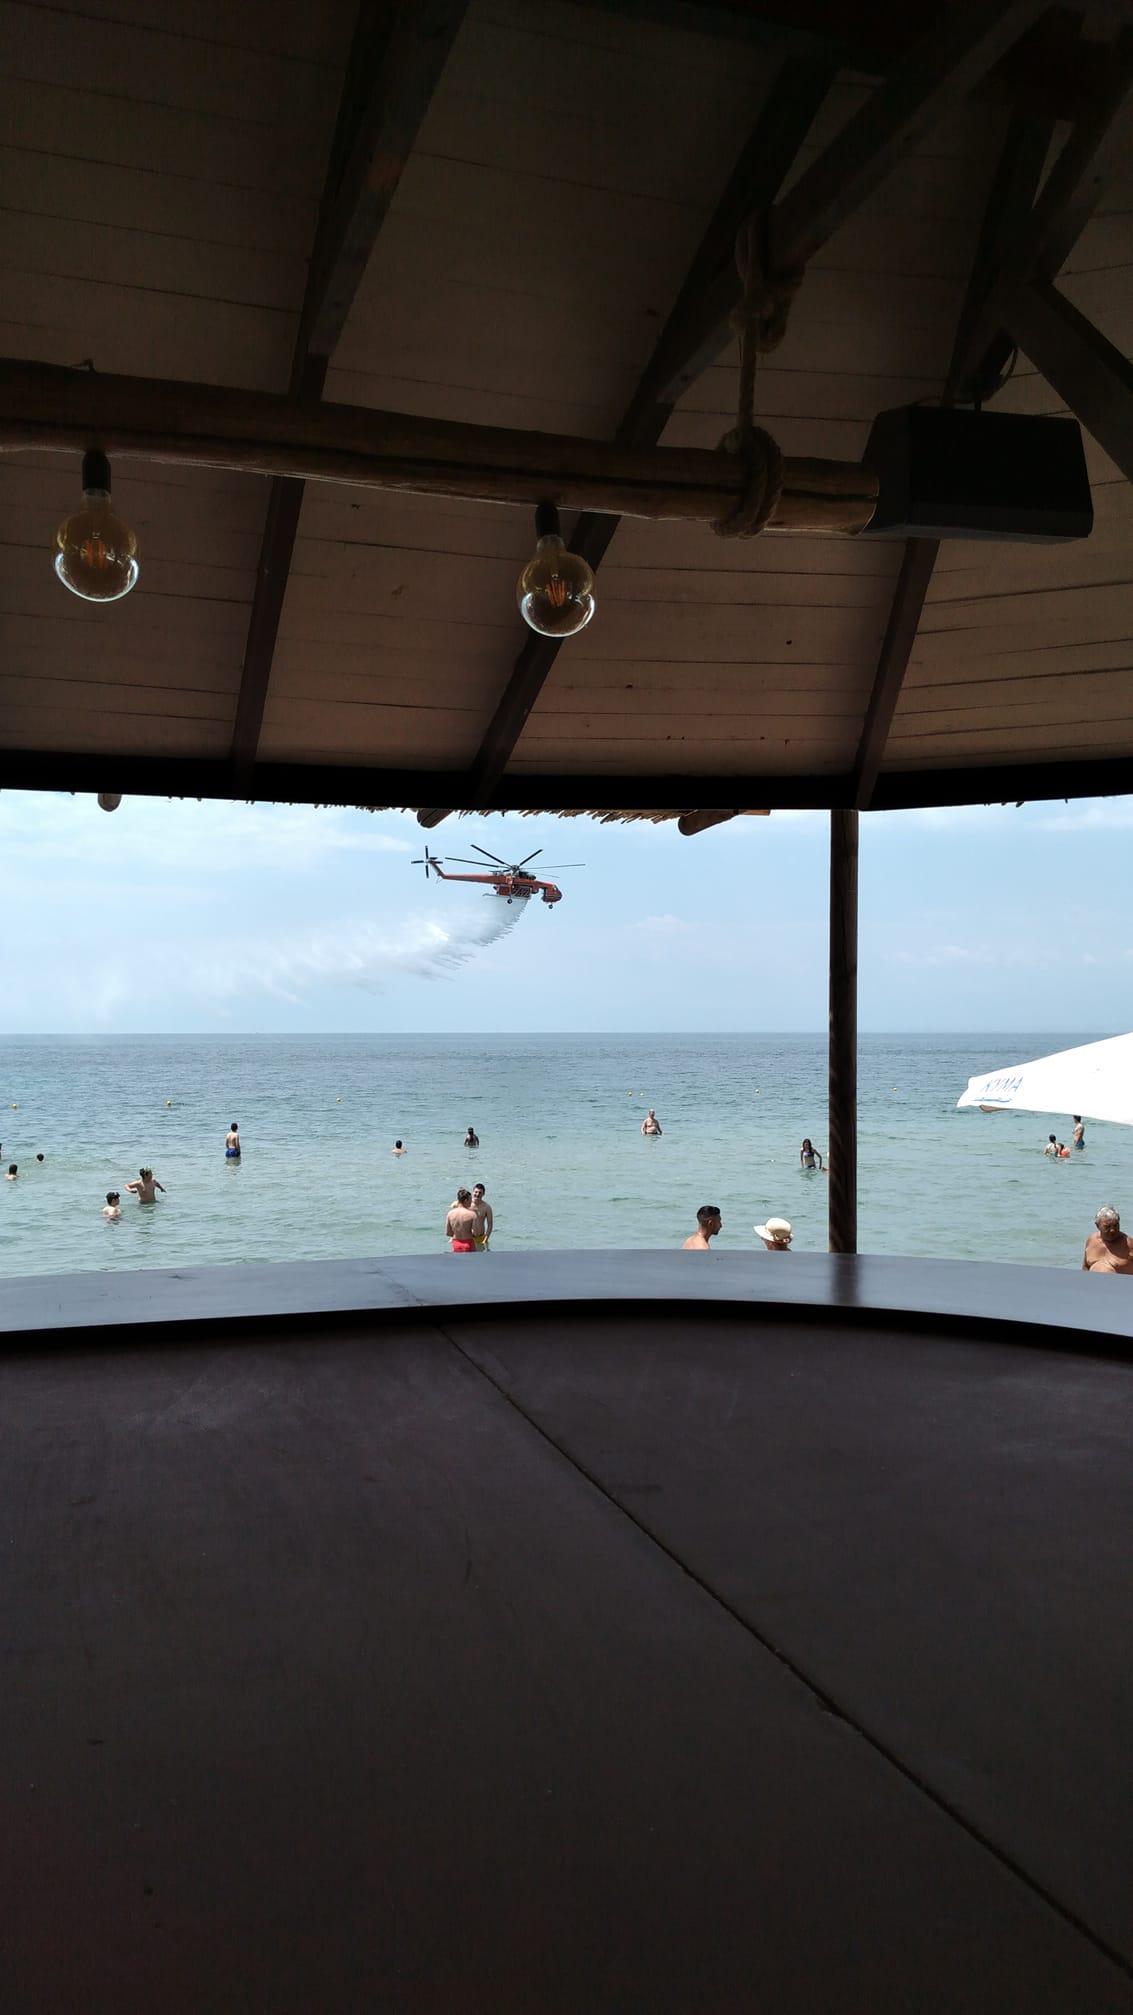 """Δοκιμές πυροσβεστικού ελικοπτέρου """"αναστάτωσαν"""" την Παραλία Επανομής (ΒΙΝΤΕΟ)"""